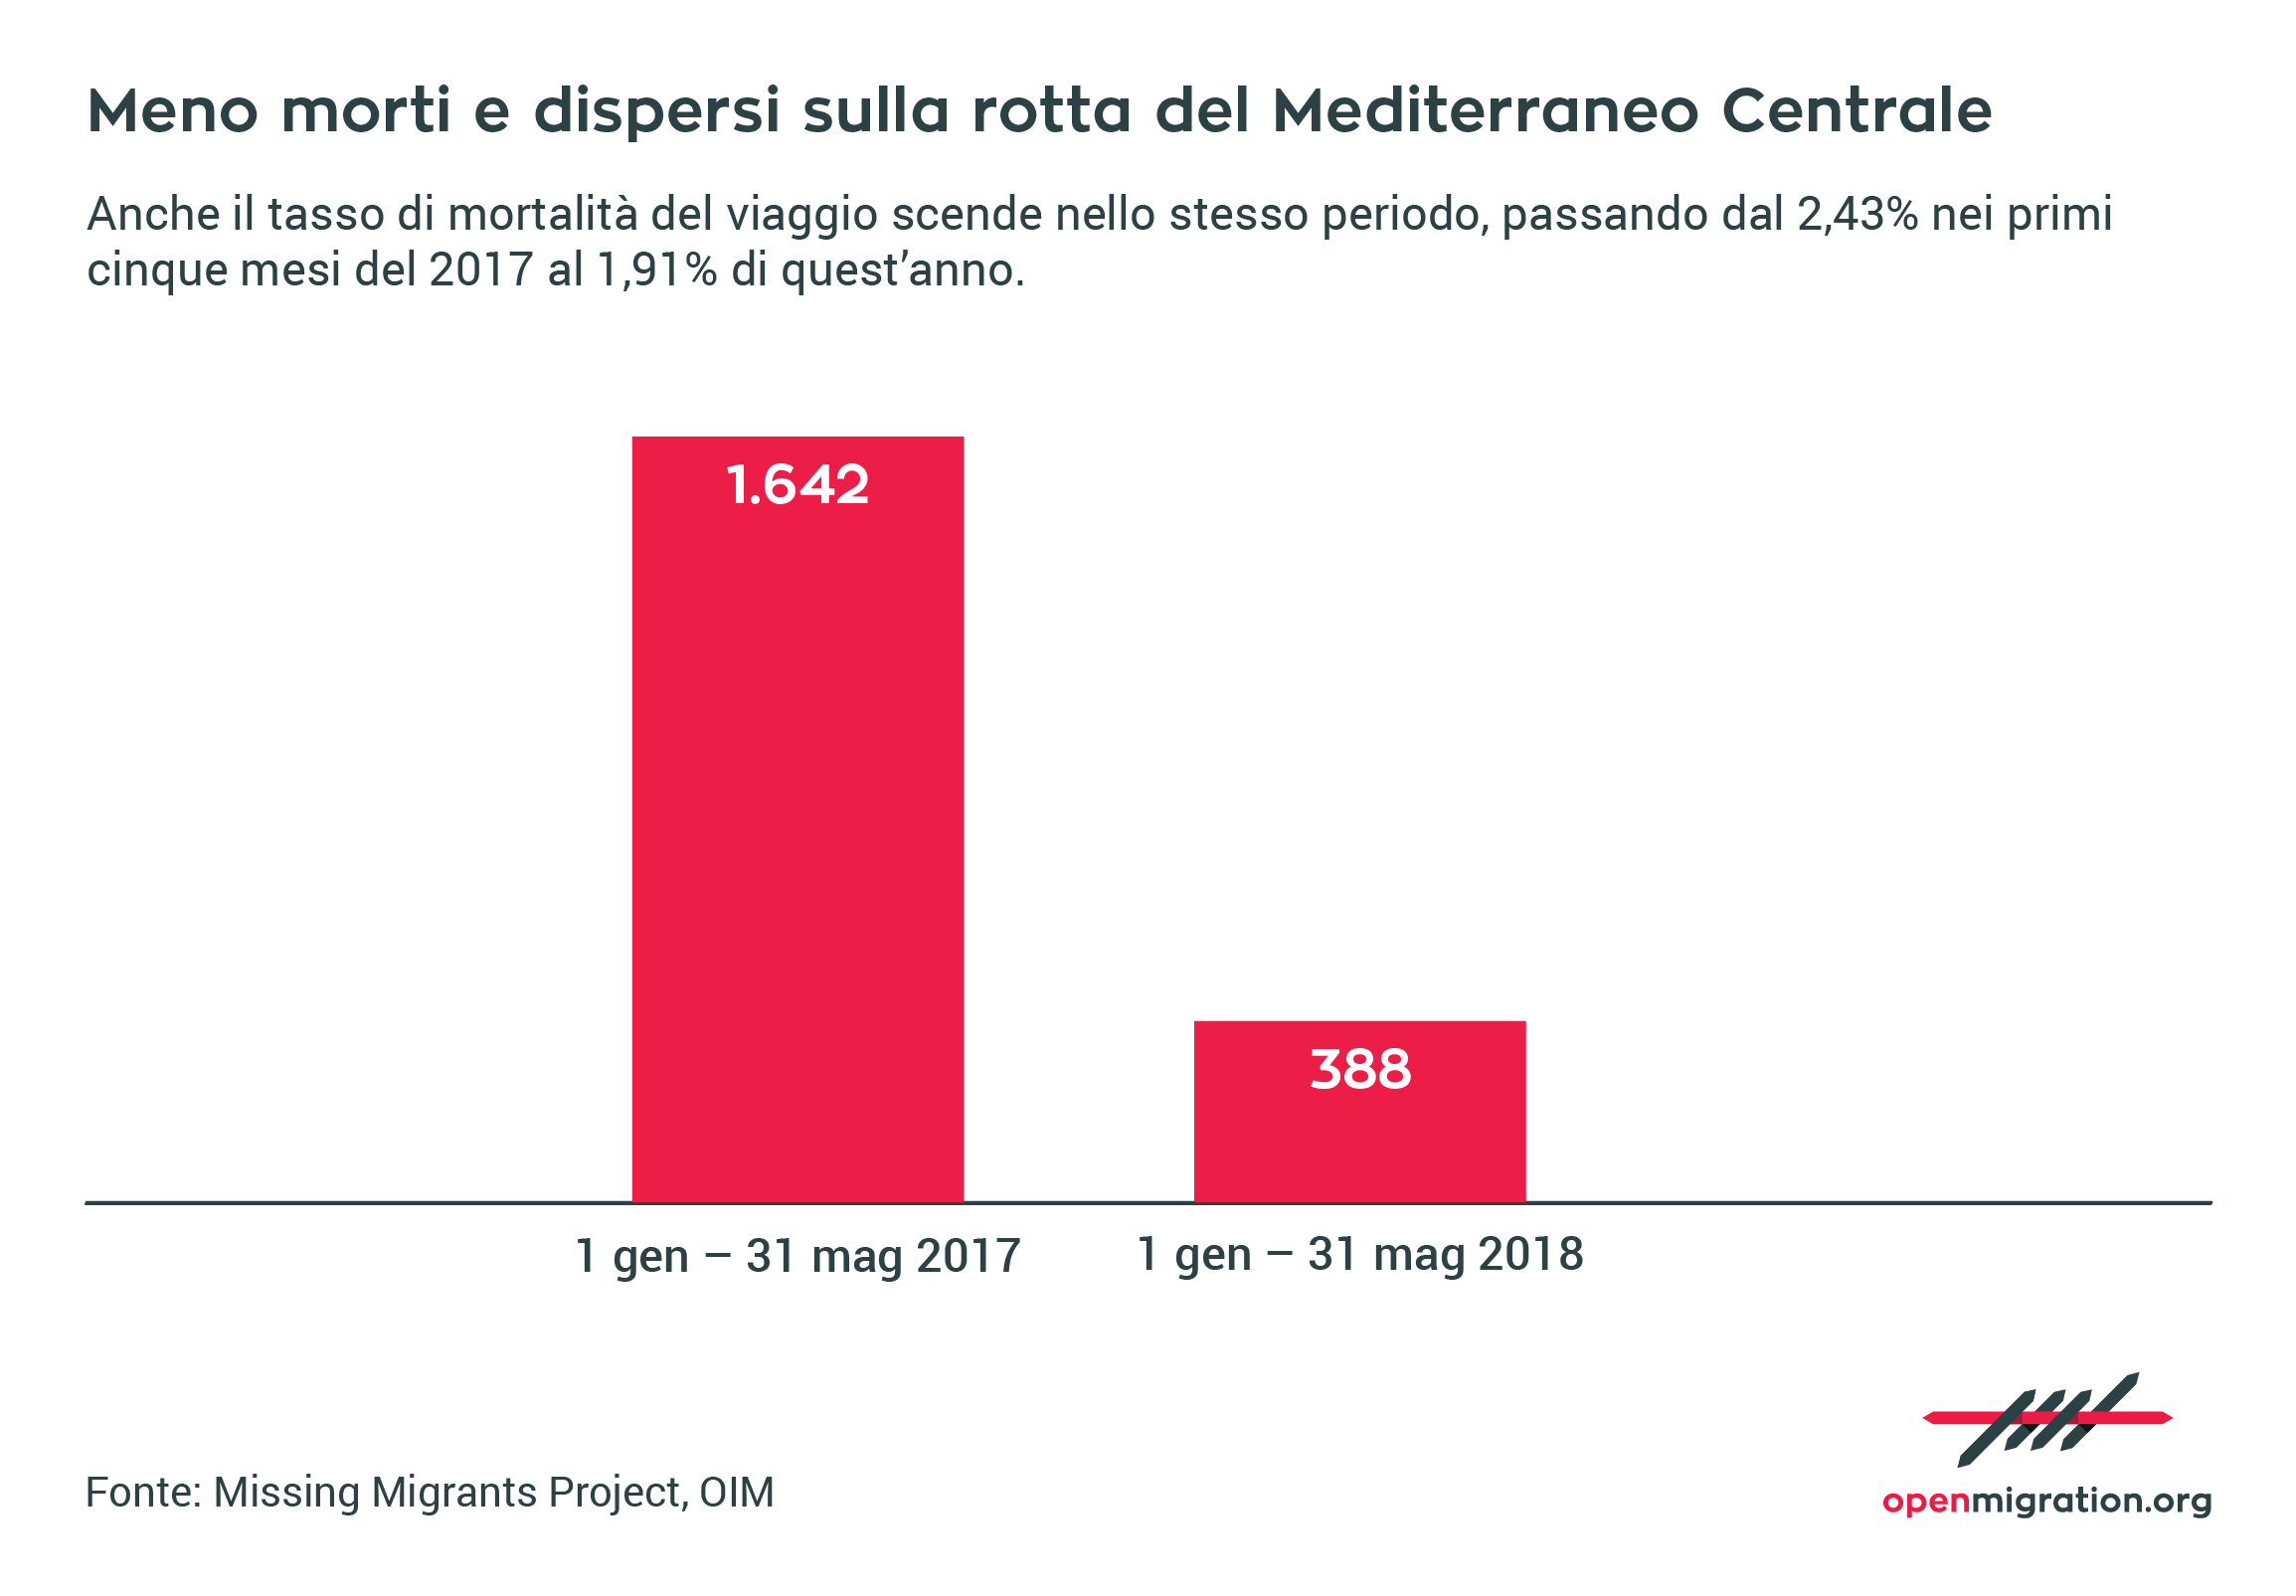 Tasso mortalità rotta Mediterraneo Centrale